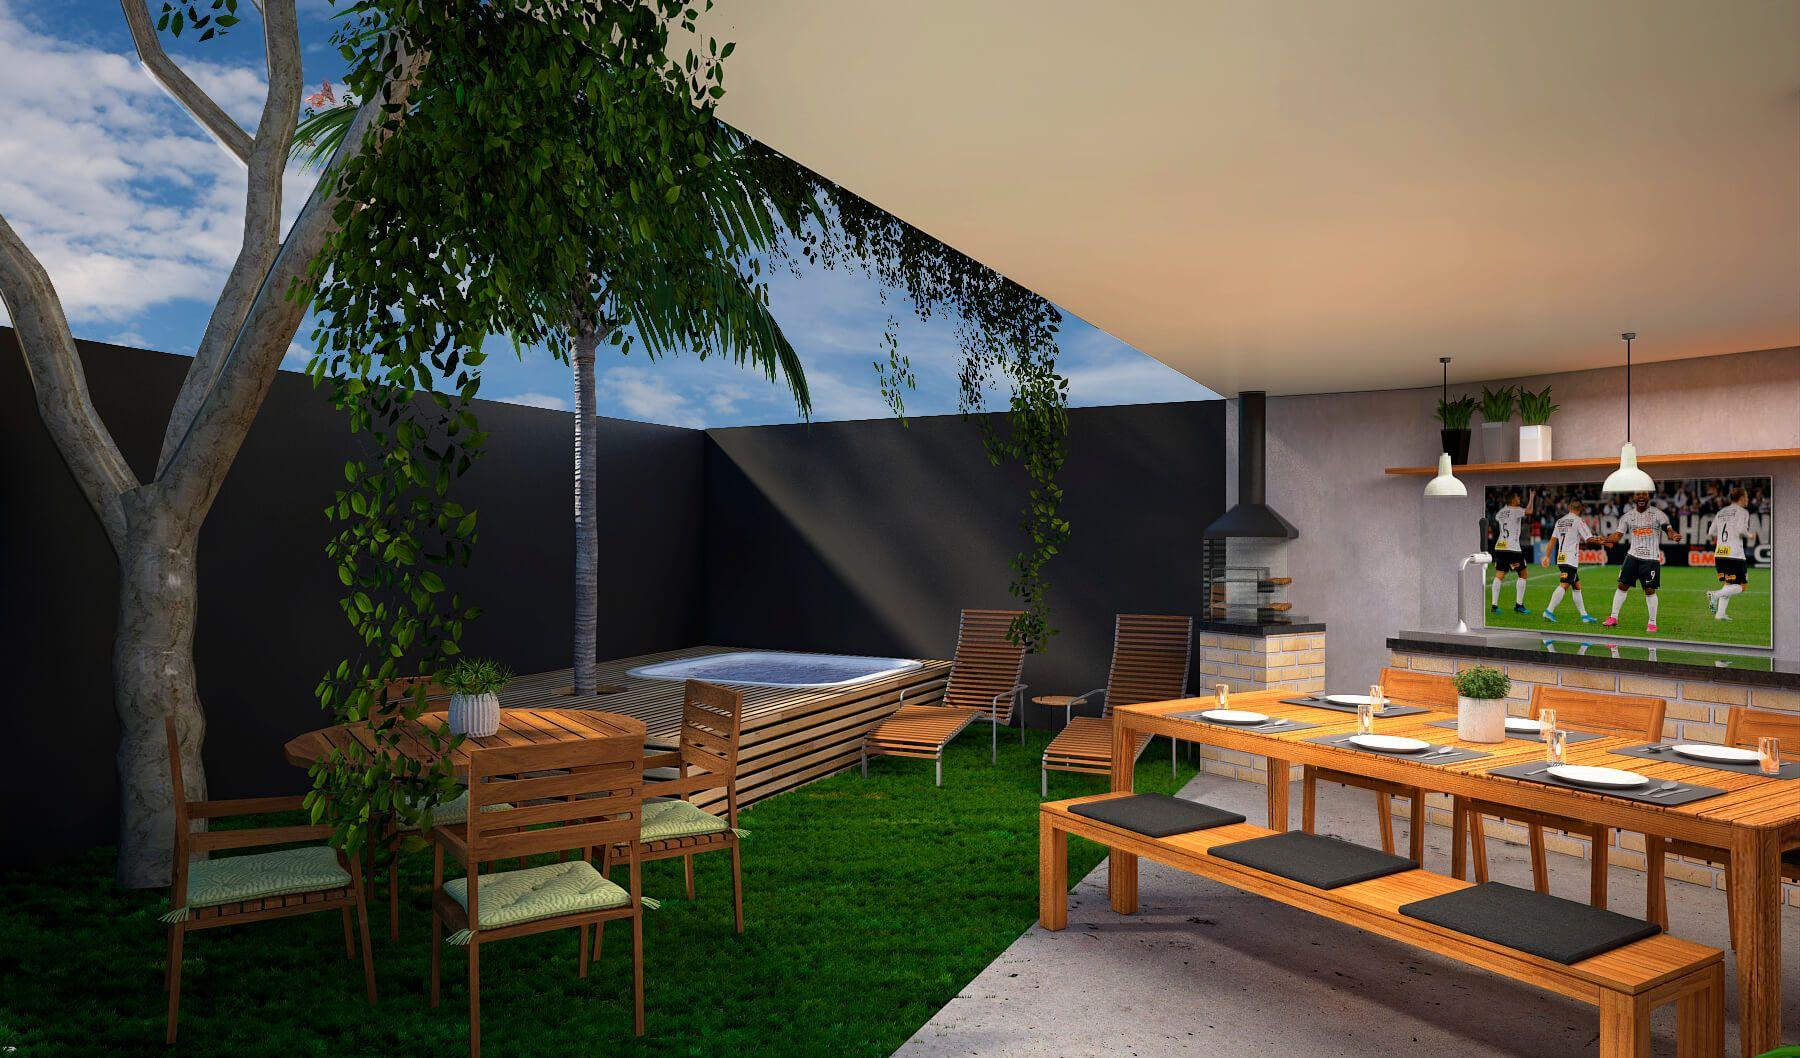 JARDIM com espaço descoberto e sugestão de utilização para spa com deck, espreguiçadeiras e mesas. A estrutura das casas dá a liberdade para que os ambientes sejam configurados da forma que você quiser!